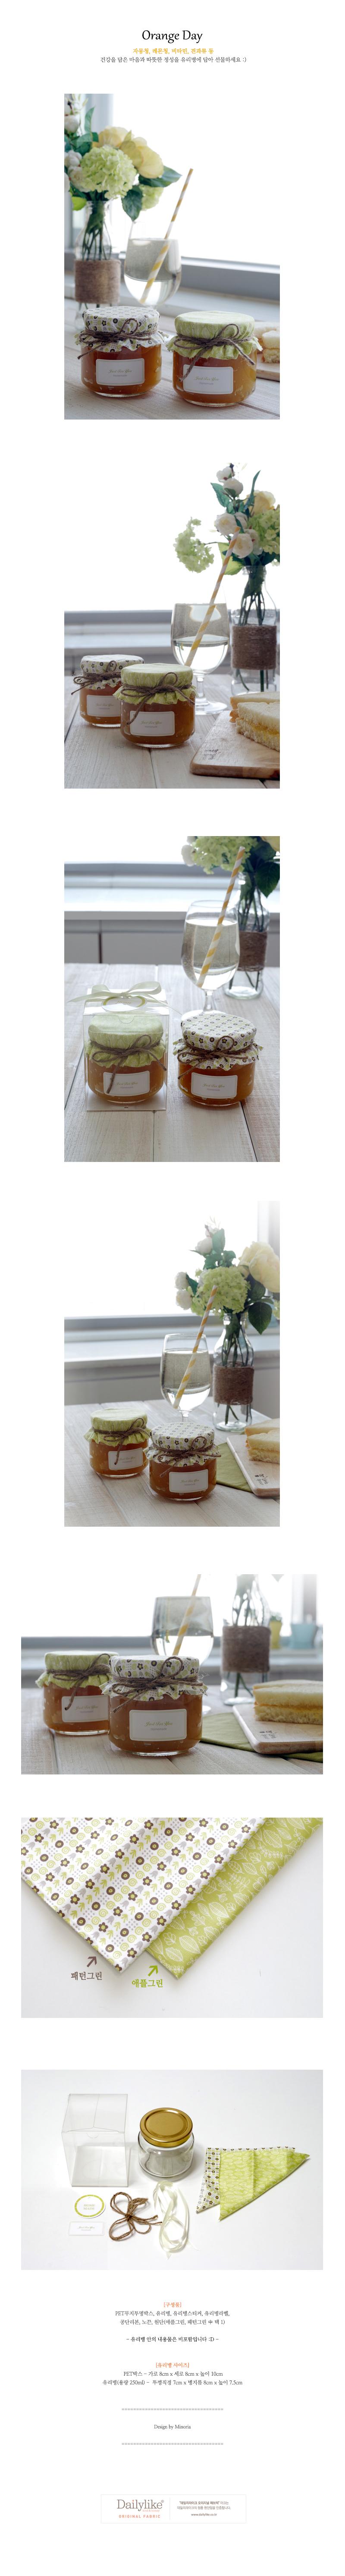 그린데이 - 미노리아, 5,800원, 선물/포장 세트, 선물/포장 세트